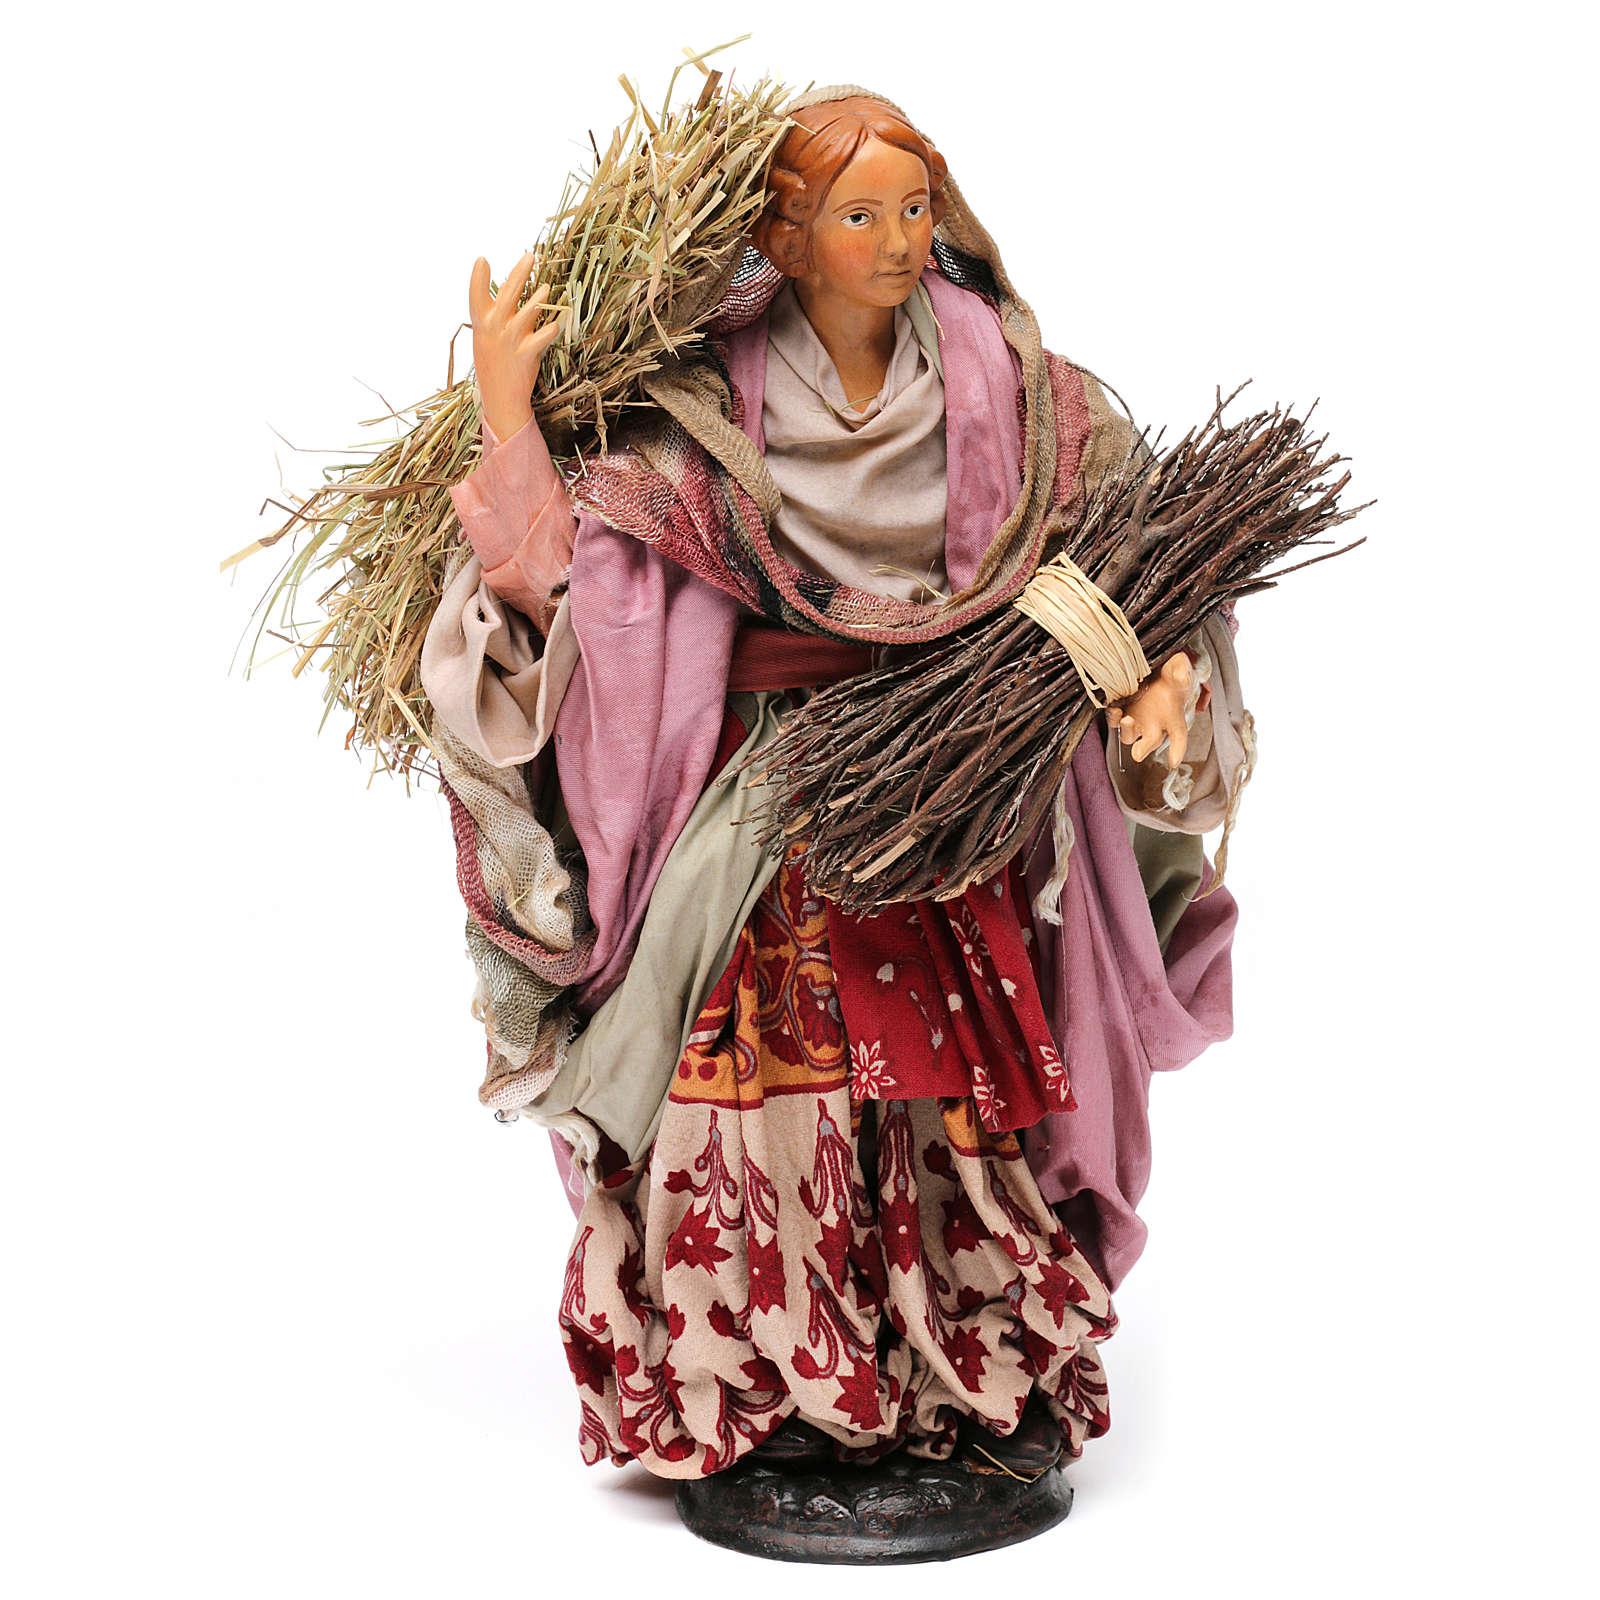 Donna con fascina e paglia per presepe Napoli stile '700 di 30 cm  4